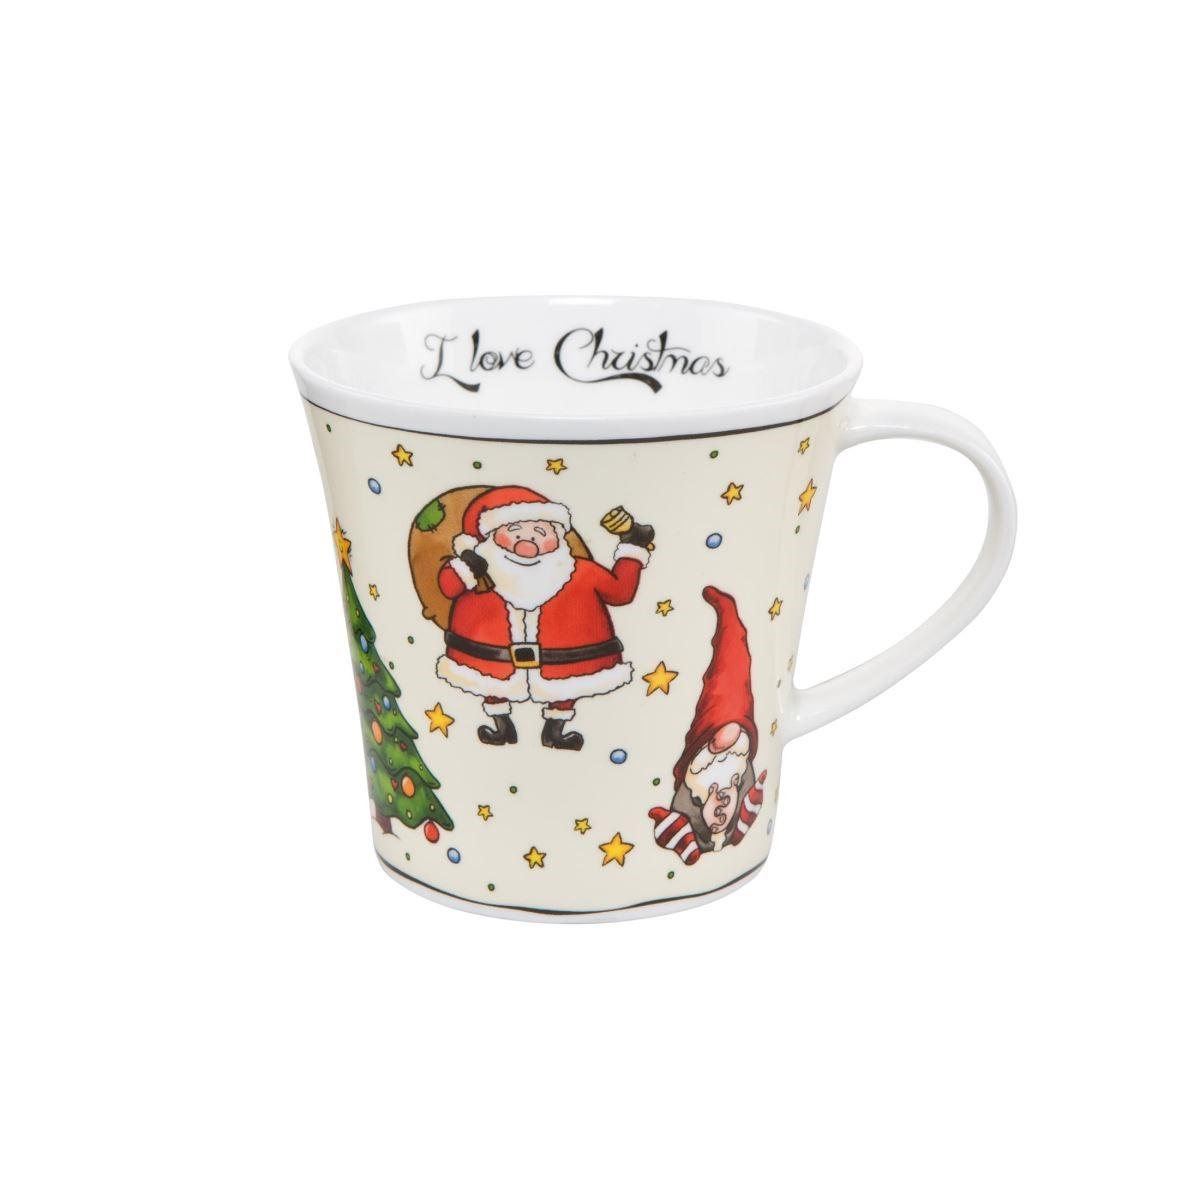 聖誕節氛圍的馬克杯,很適合盛裝hygge生活態度中必備的熱紅酒。(圖片提供_集雅廊)